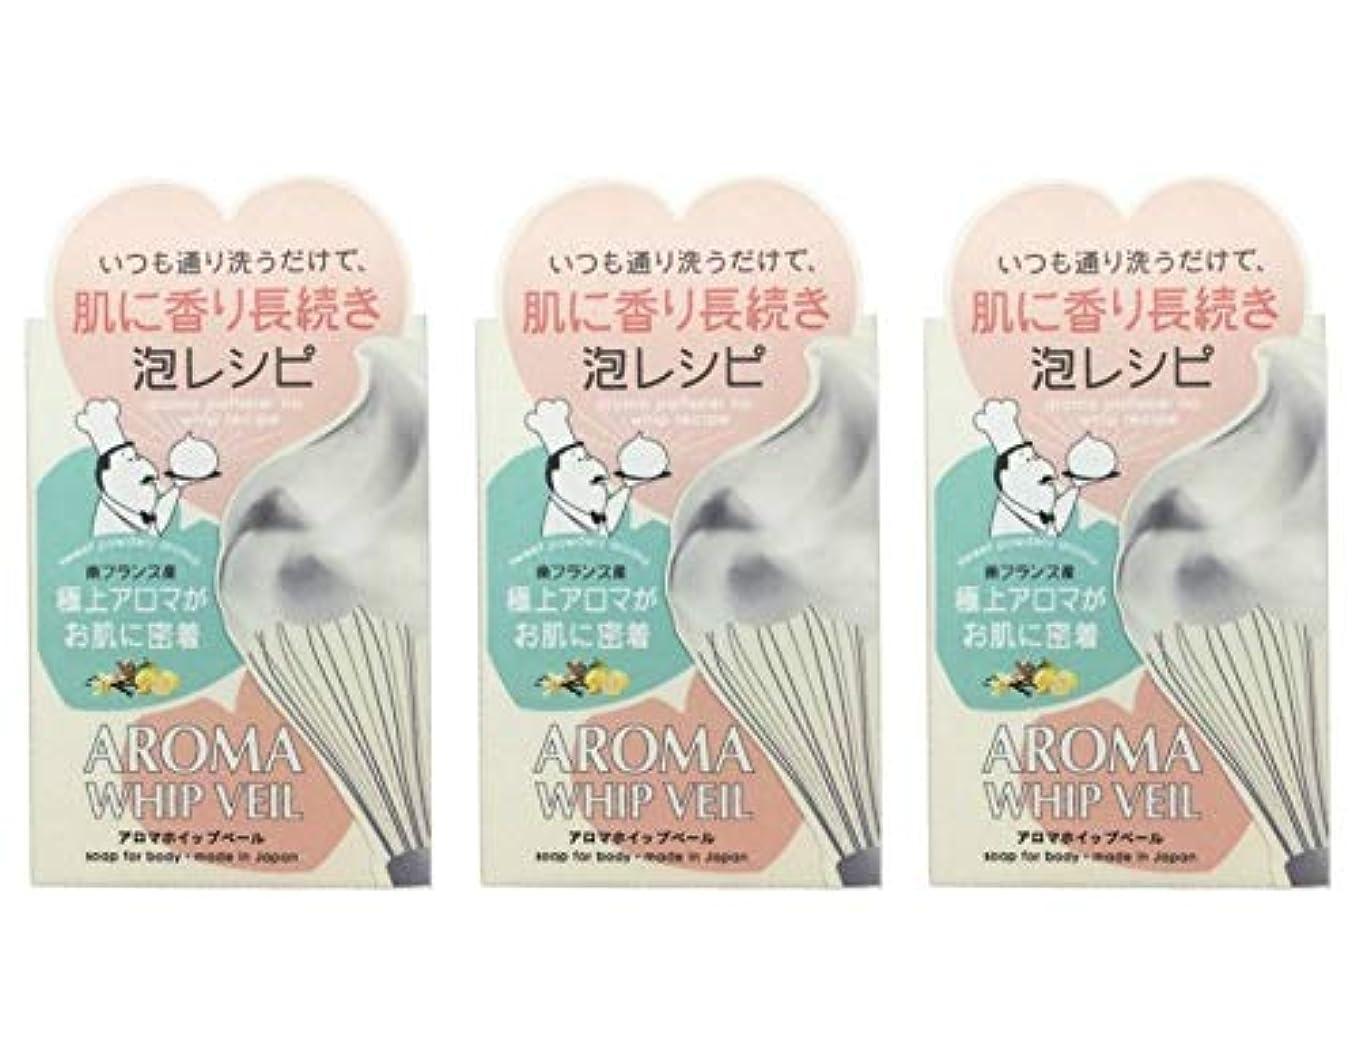 知恵統計的保証金【3個セット】ペリカン石鹸 アロマホイップベール石鹸 100g【3個セット】